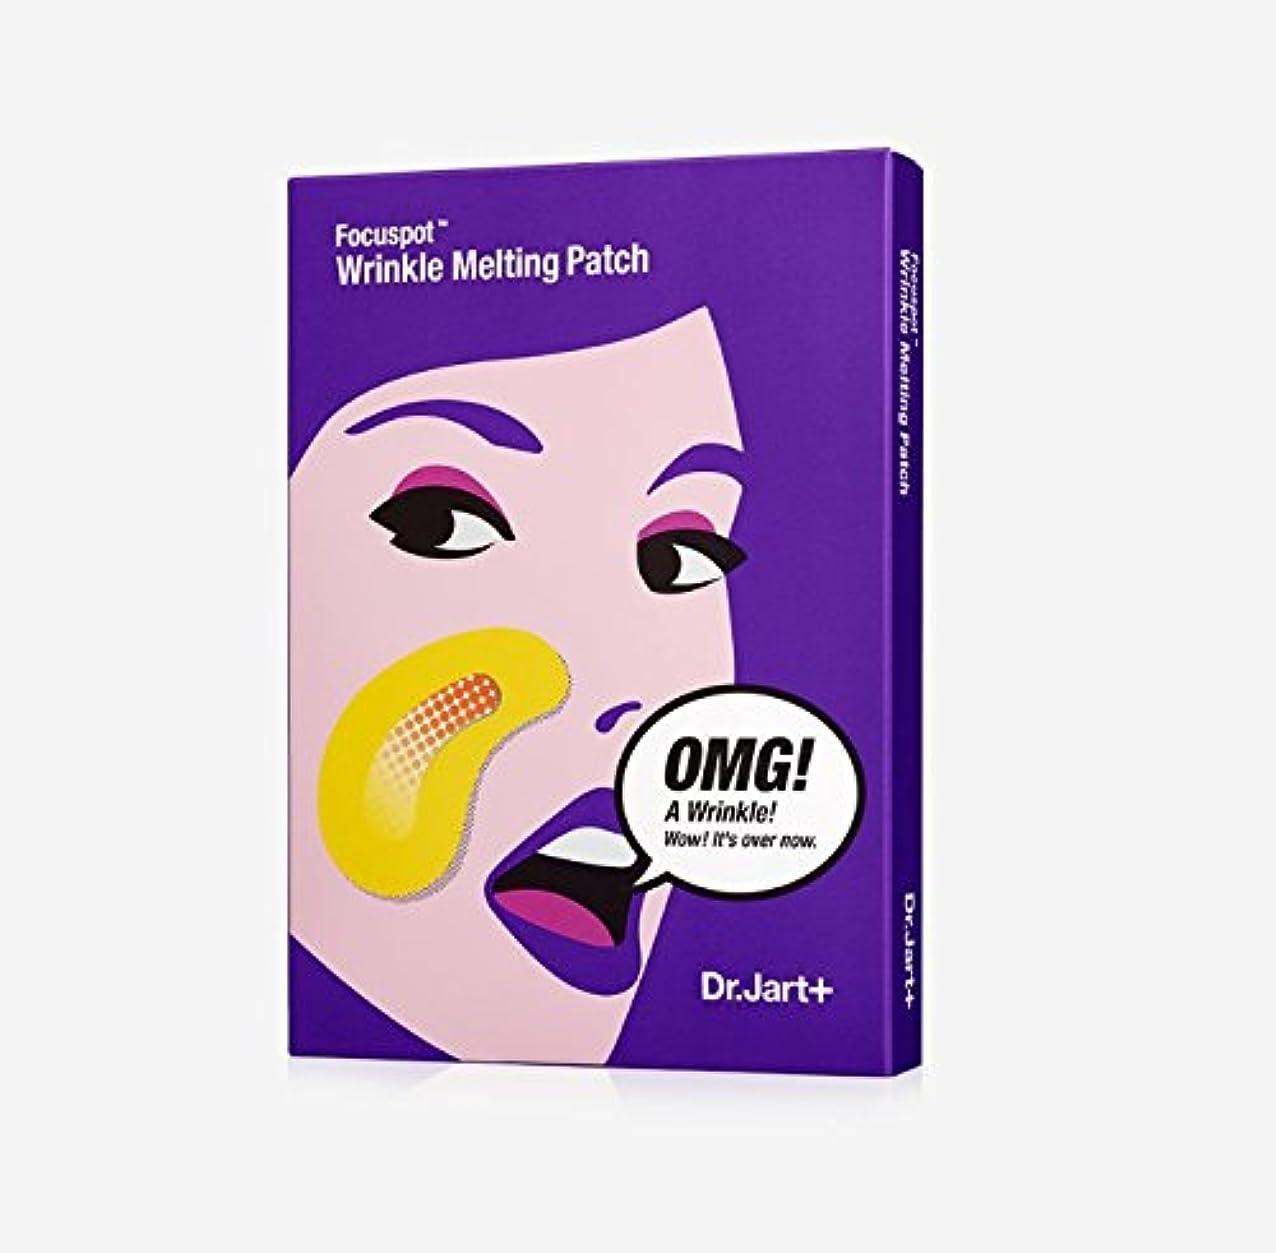 特別なパーティション人口[Dr.Jart+] ドクタージャルトゥ ポーカースポット リンクル メルティング パッチ 5回分/Focuspot Wrinkle Melting Patch [並行輸入品]